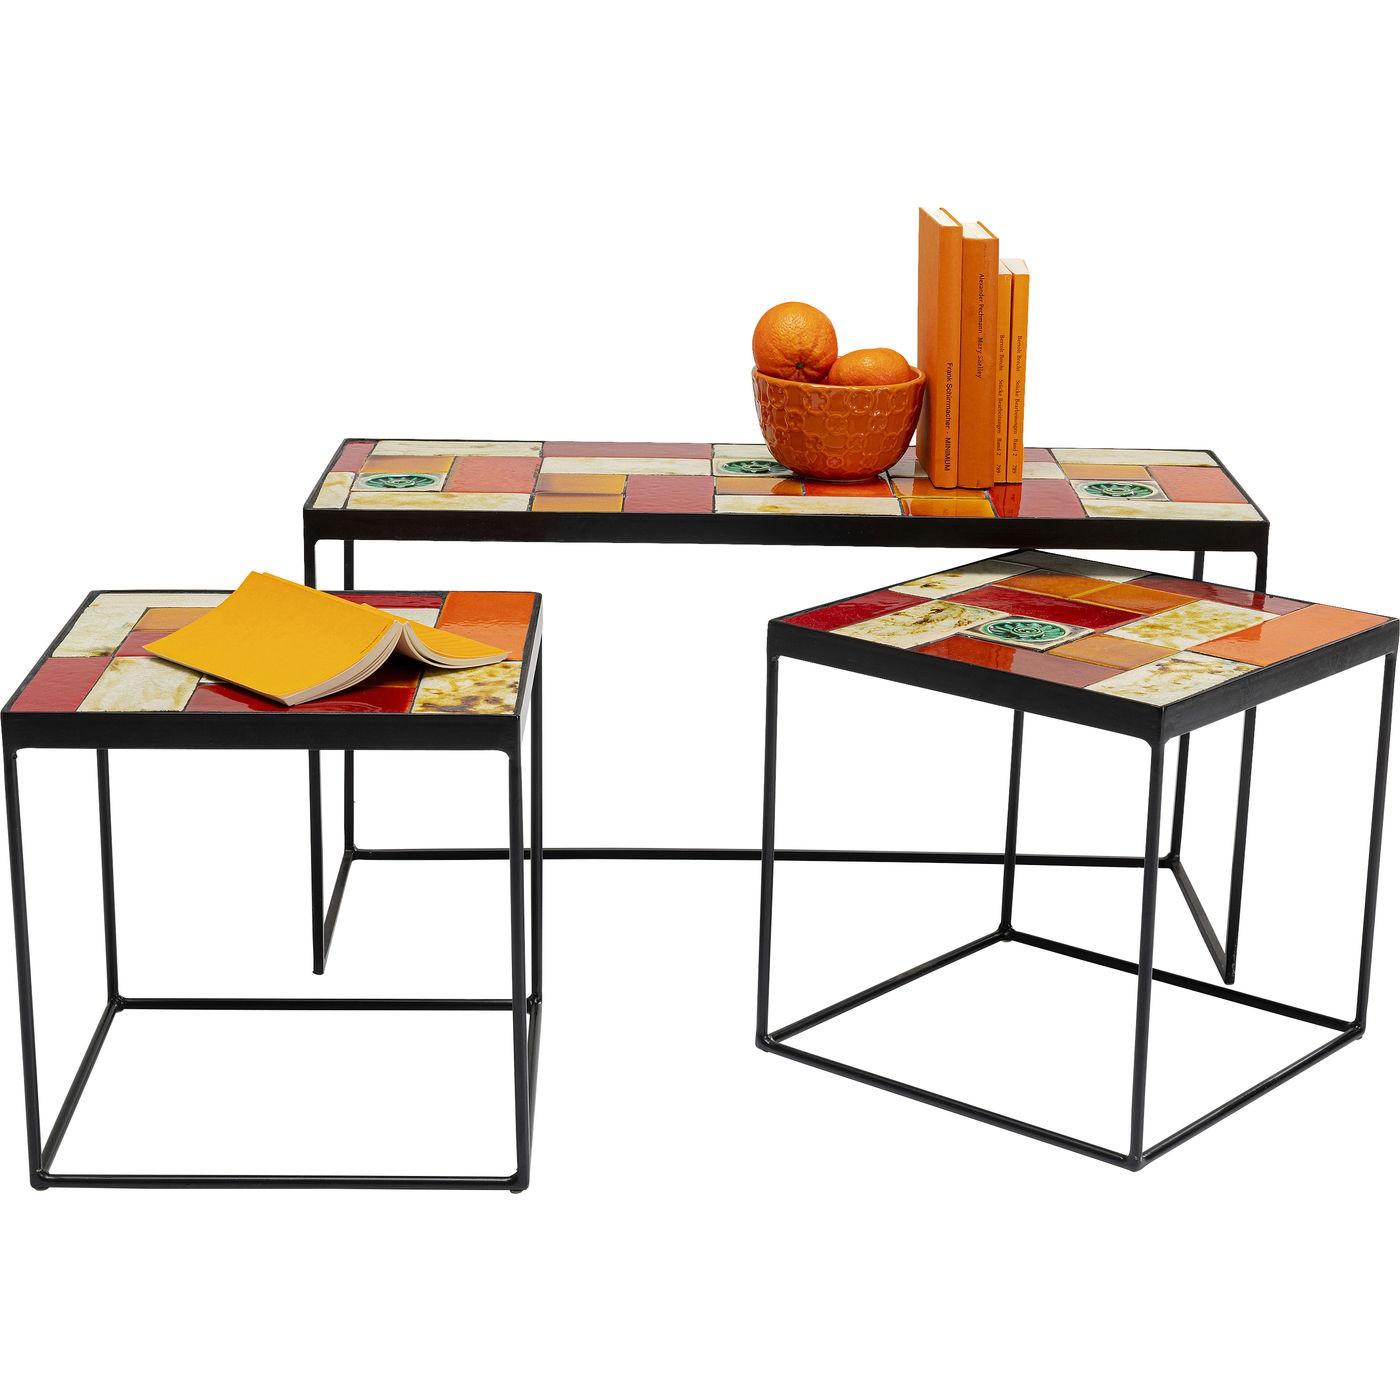 Tables basses Lisboa set de 3 Kare Design